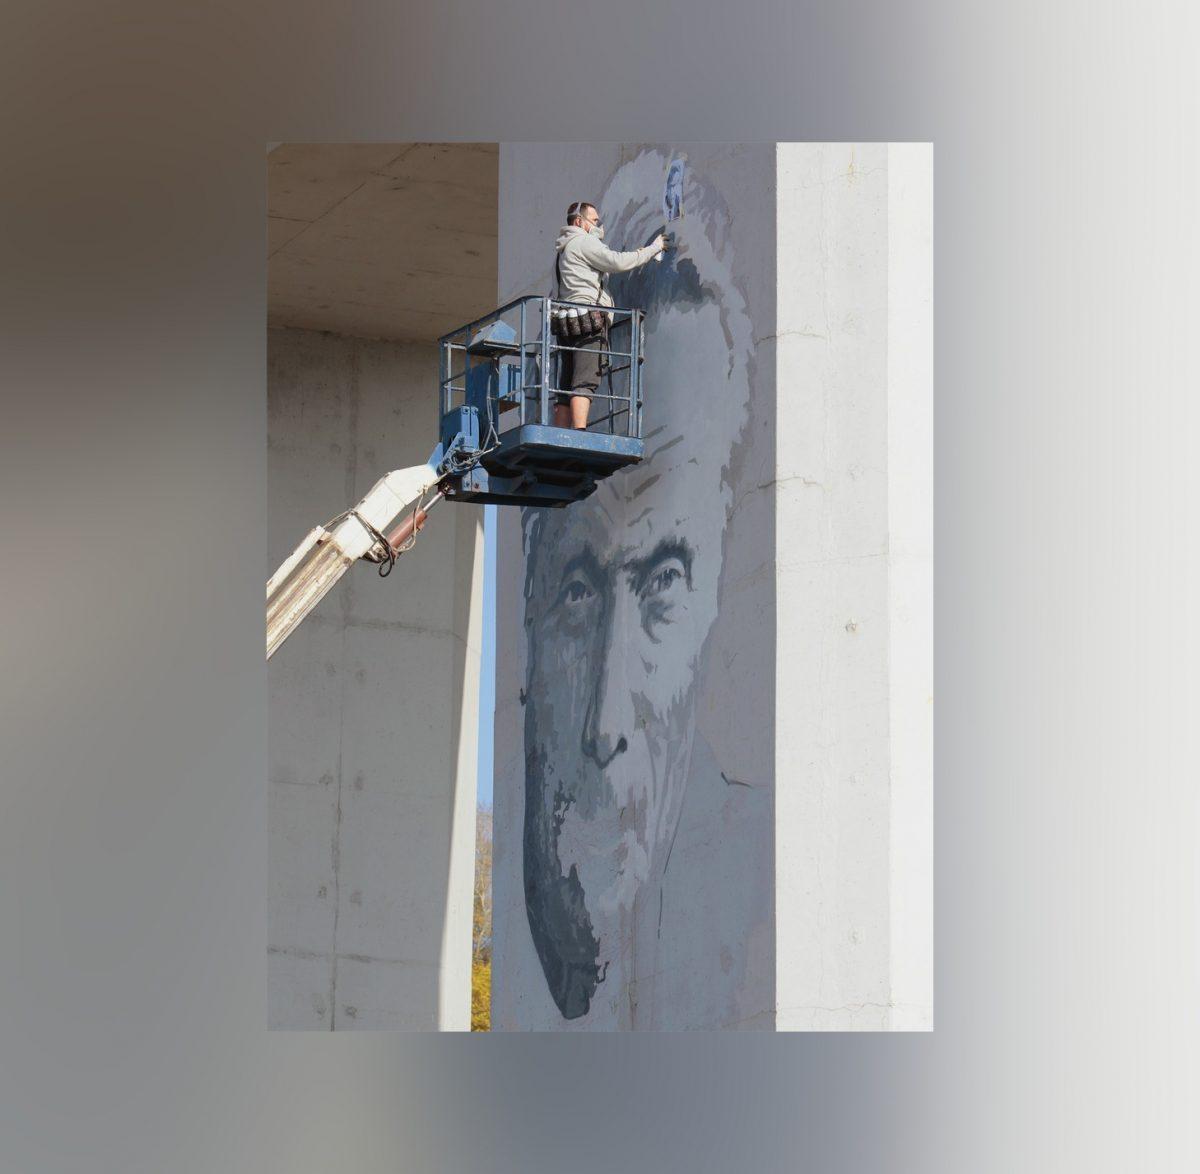 Новое граффити с Ростиславом Алексеевым скоро появится в Нижнем Новгороде